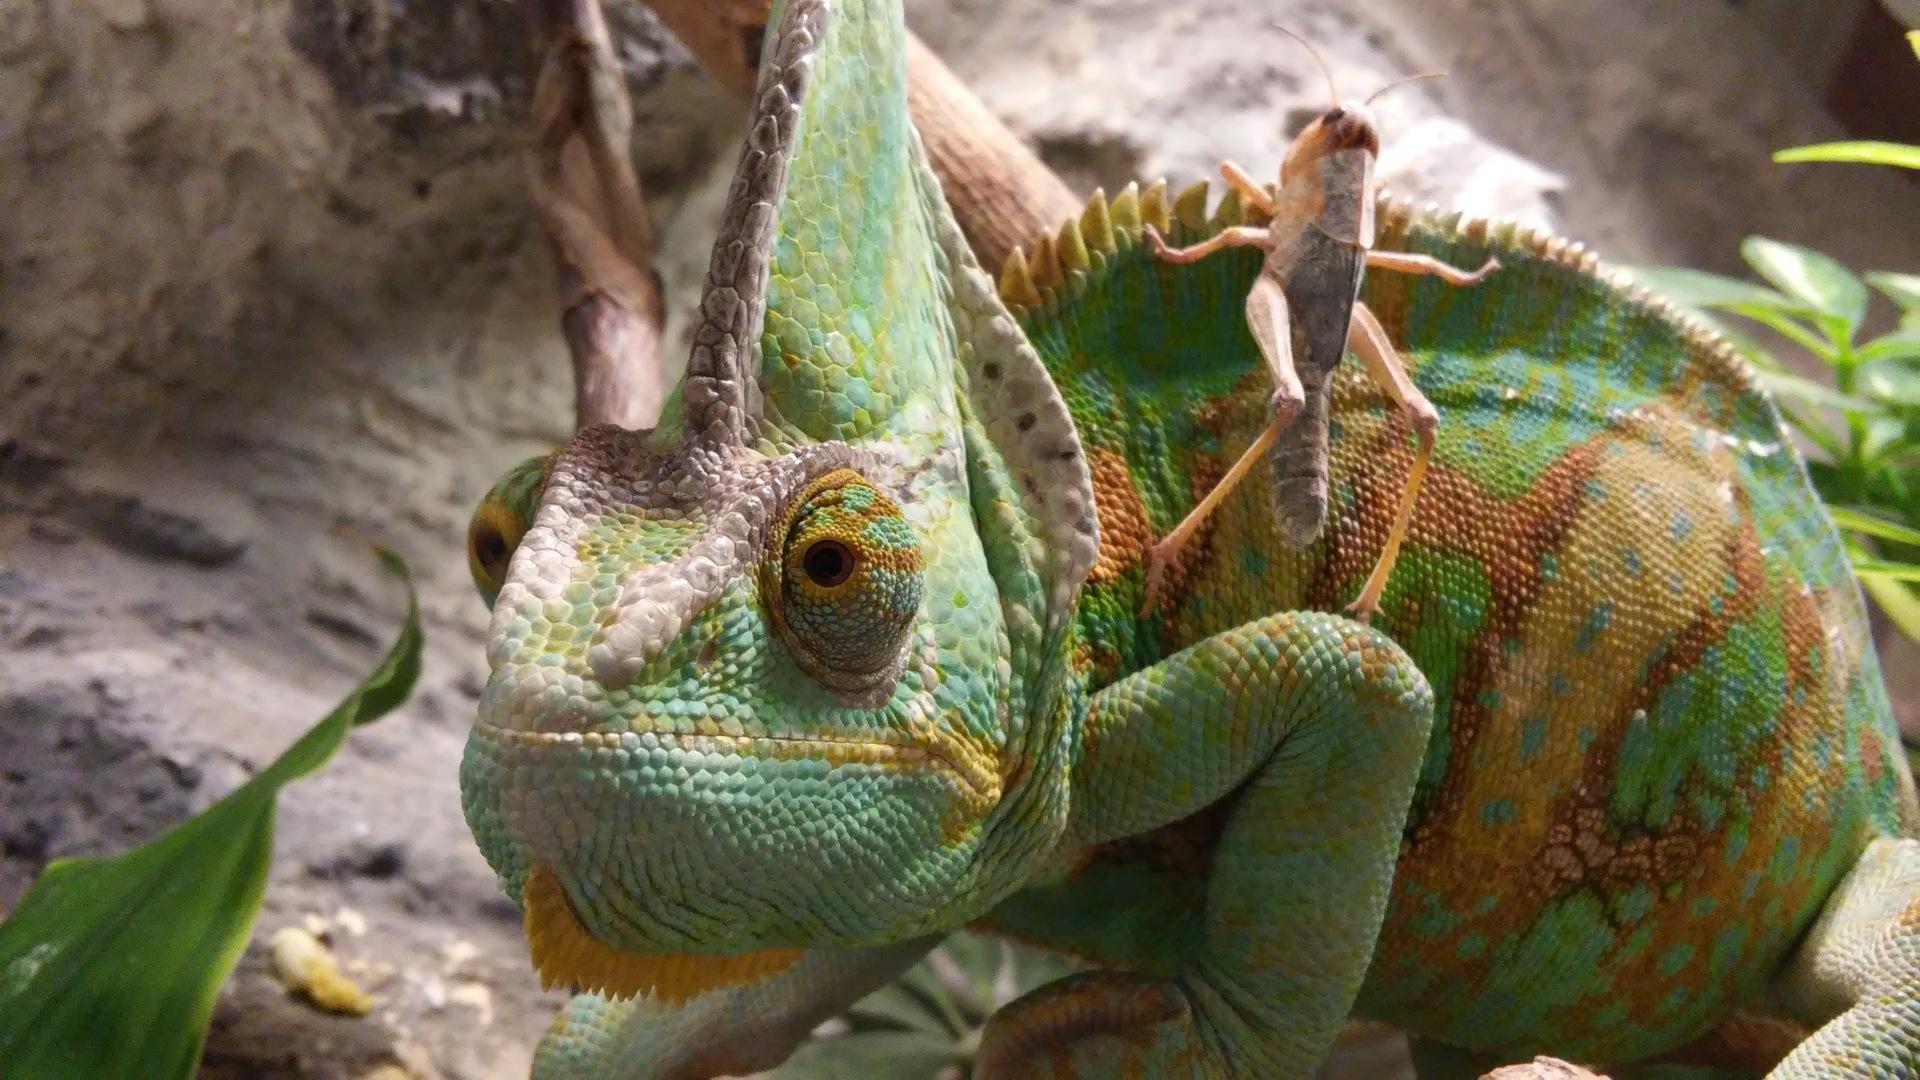 Camaleão, Gafanhoto, insetos, répteis, vida selvagem, Verde - tela HD wallpapers - Professor-falken.com